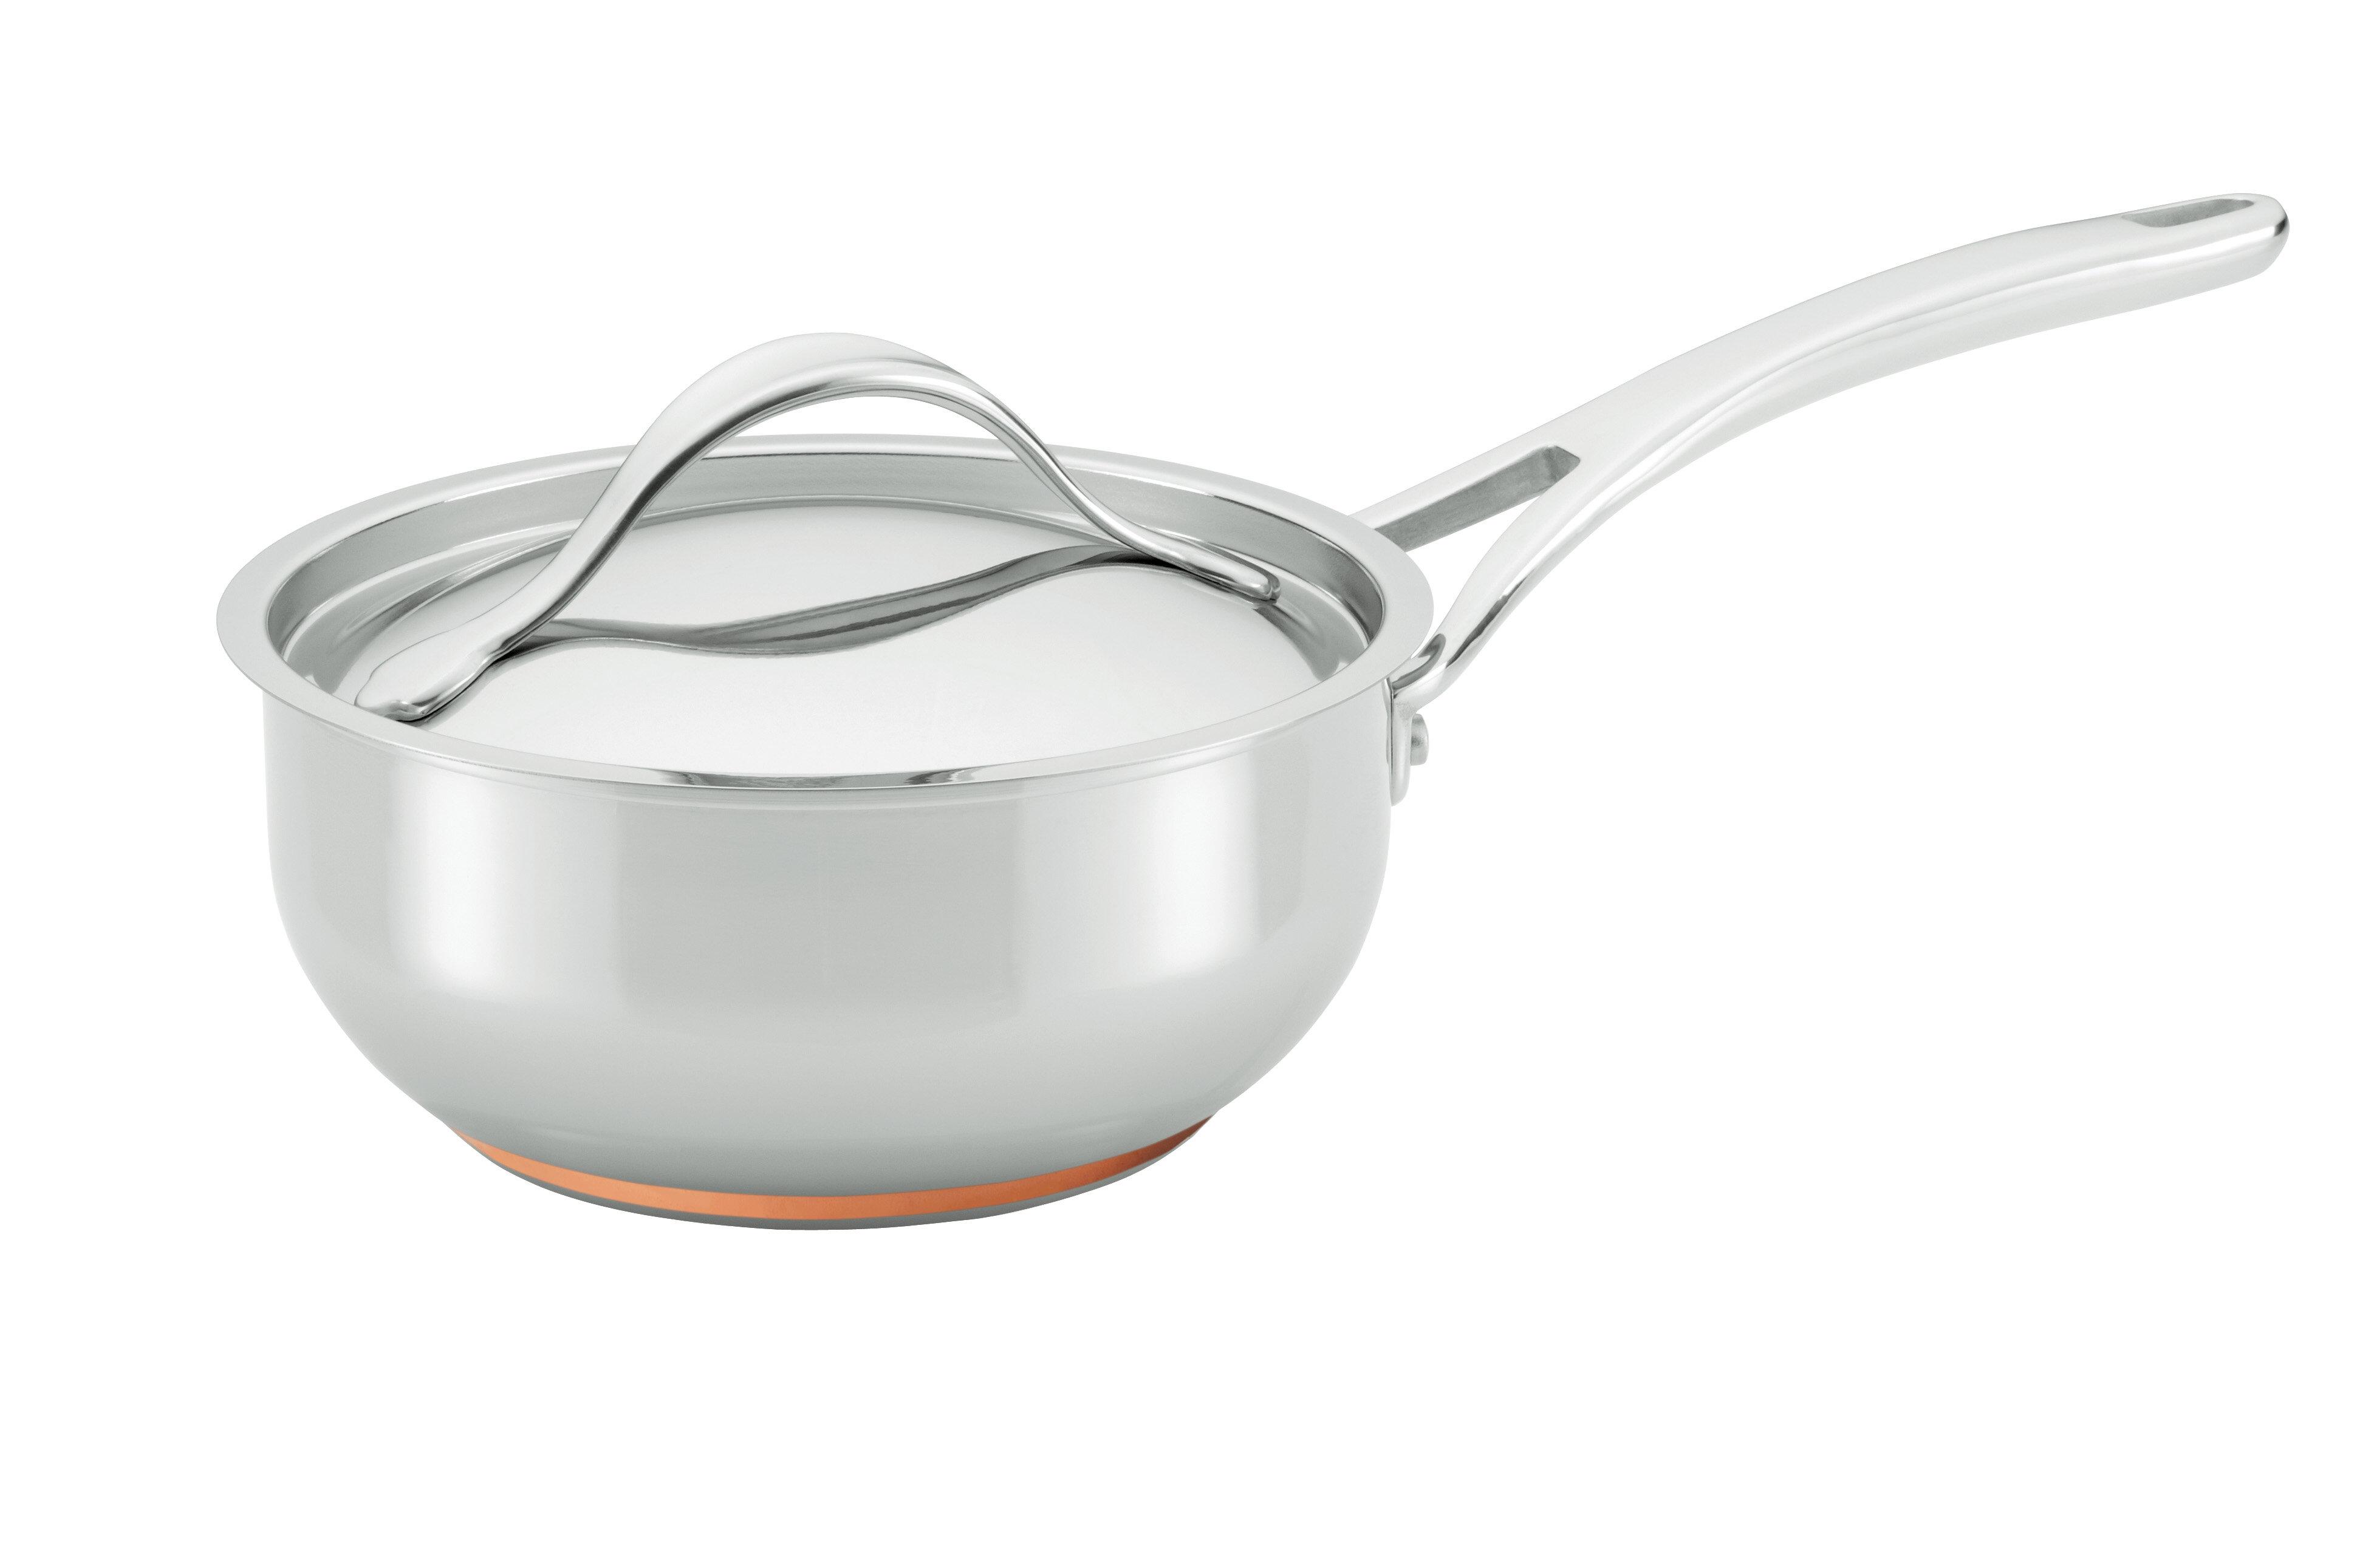 Anolon Nouvelle Copper Stainless Steel 2 5 Qt Saucepan With Lid Reviews Wayfair